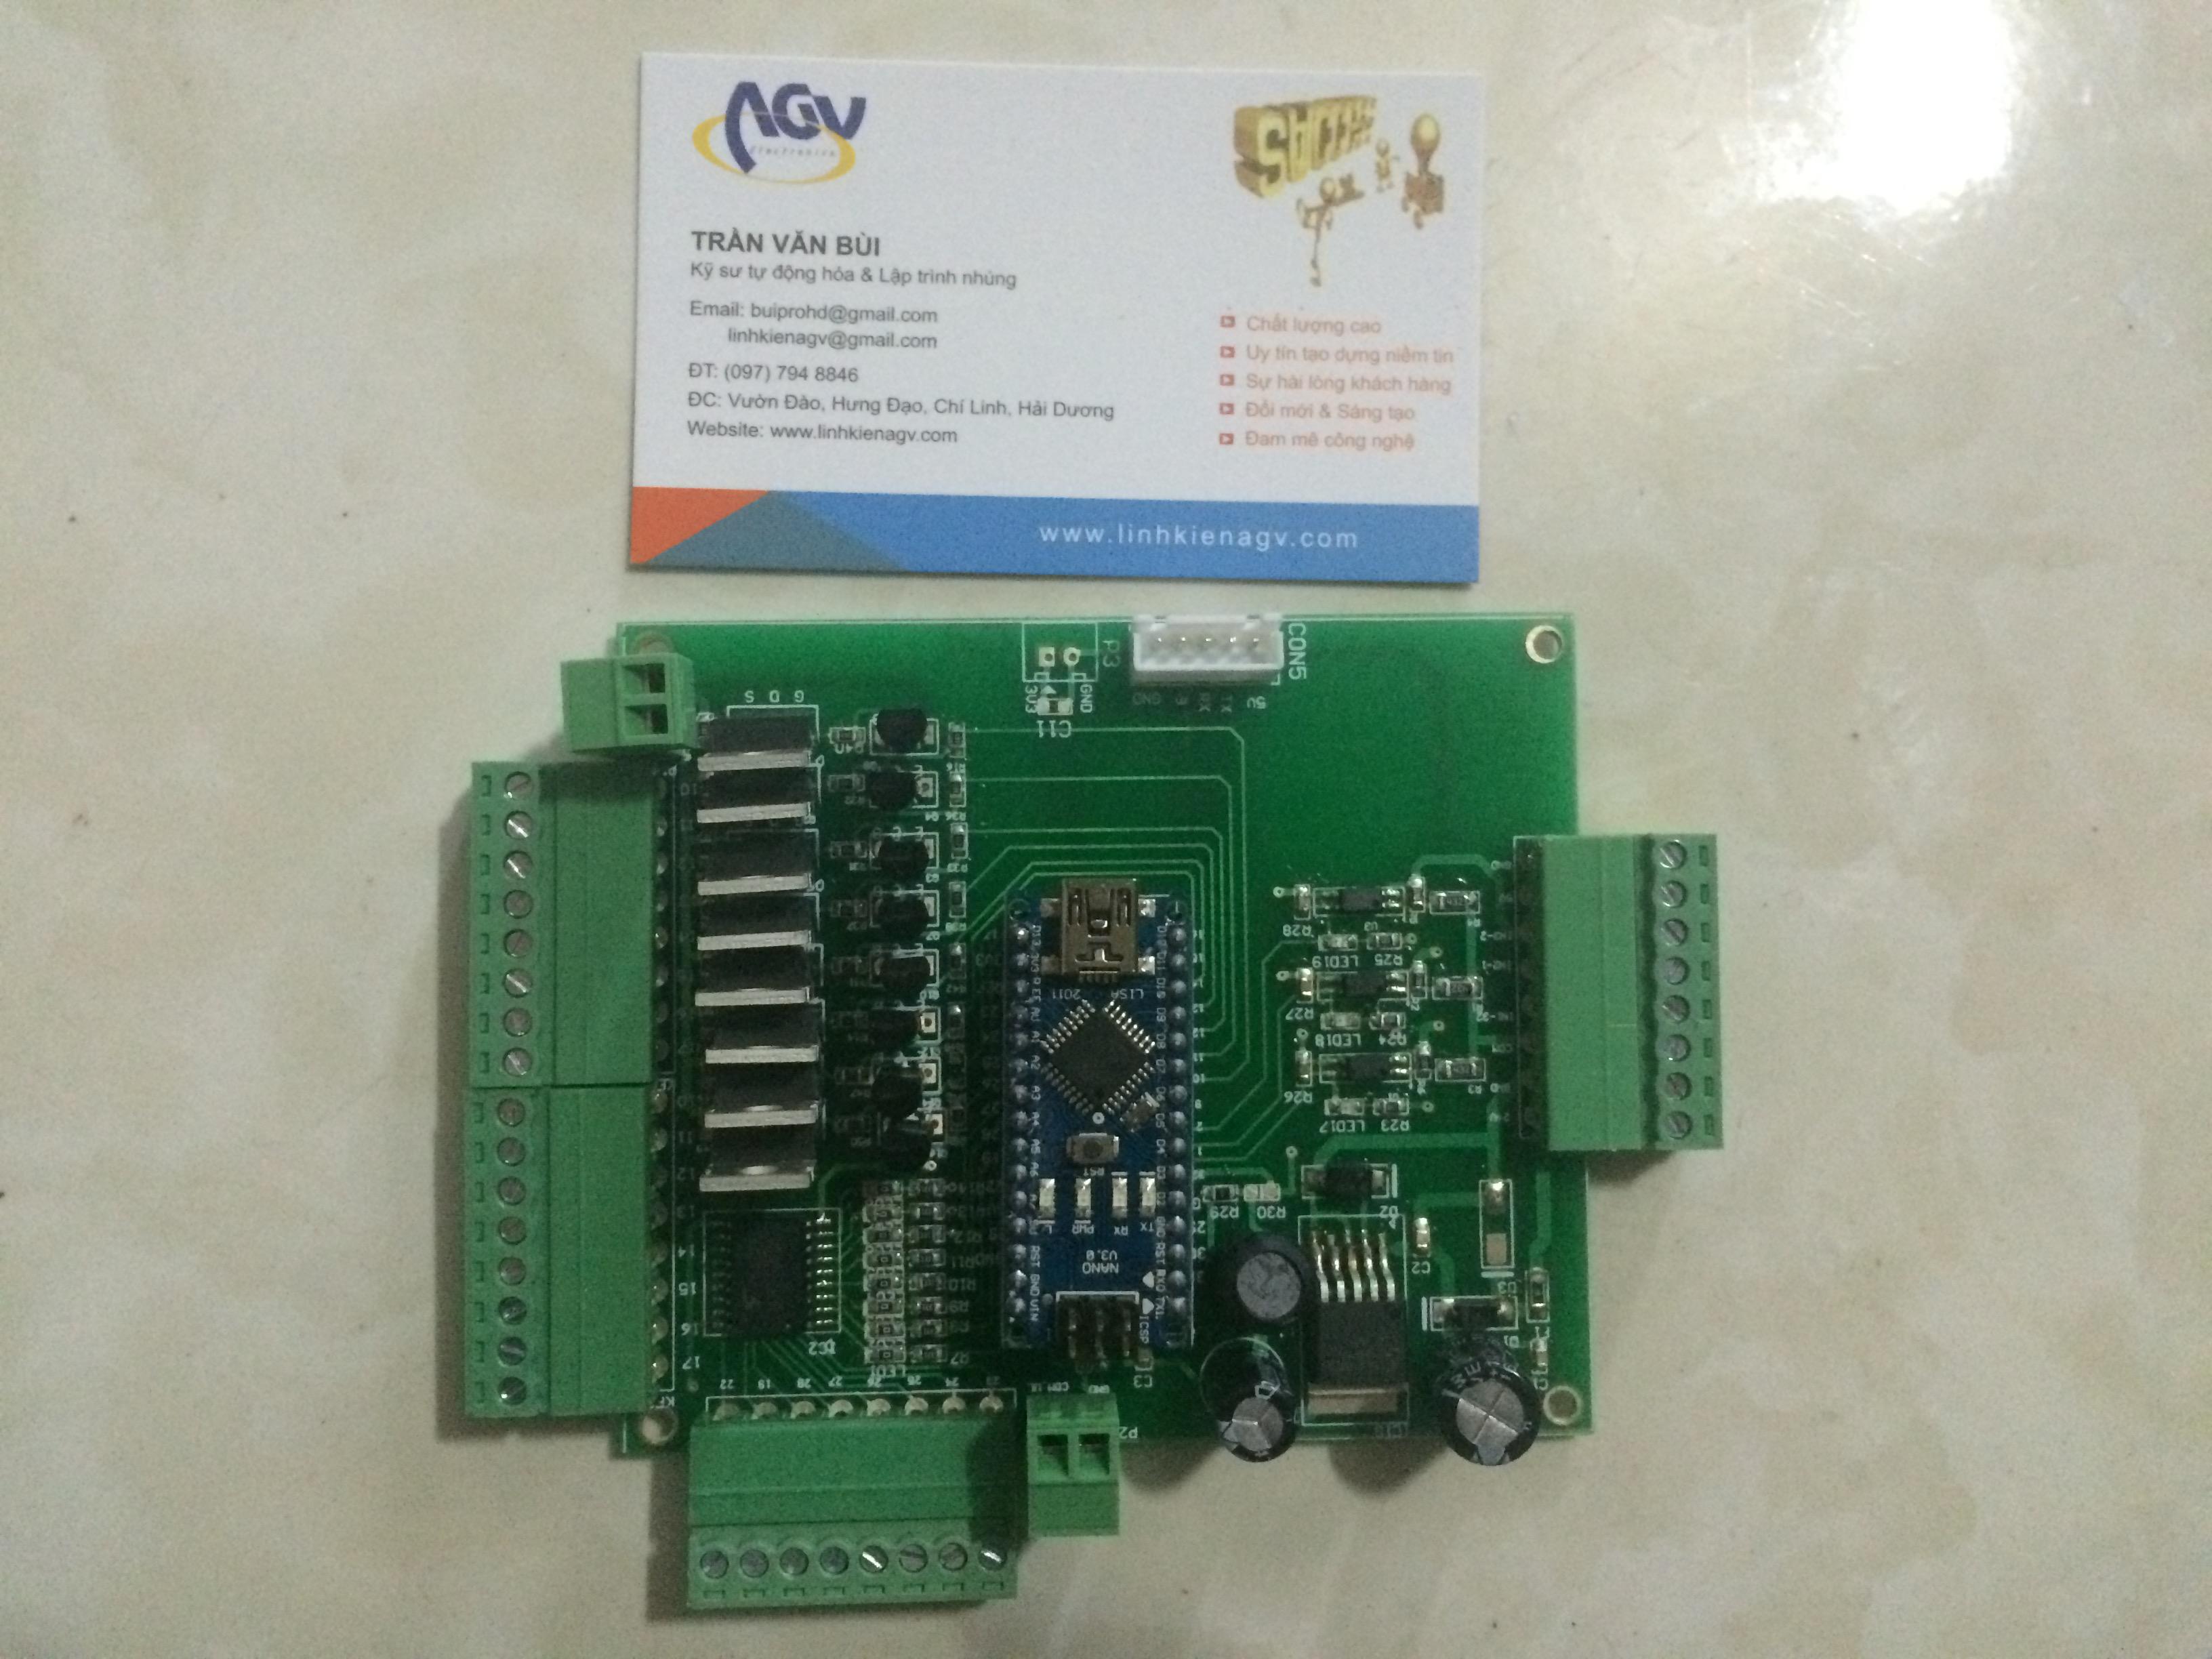 Mạch PLC ARDUINO NANO - Bán linh kiện điện tử AGV